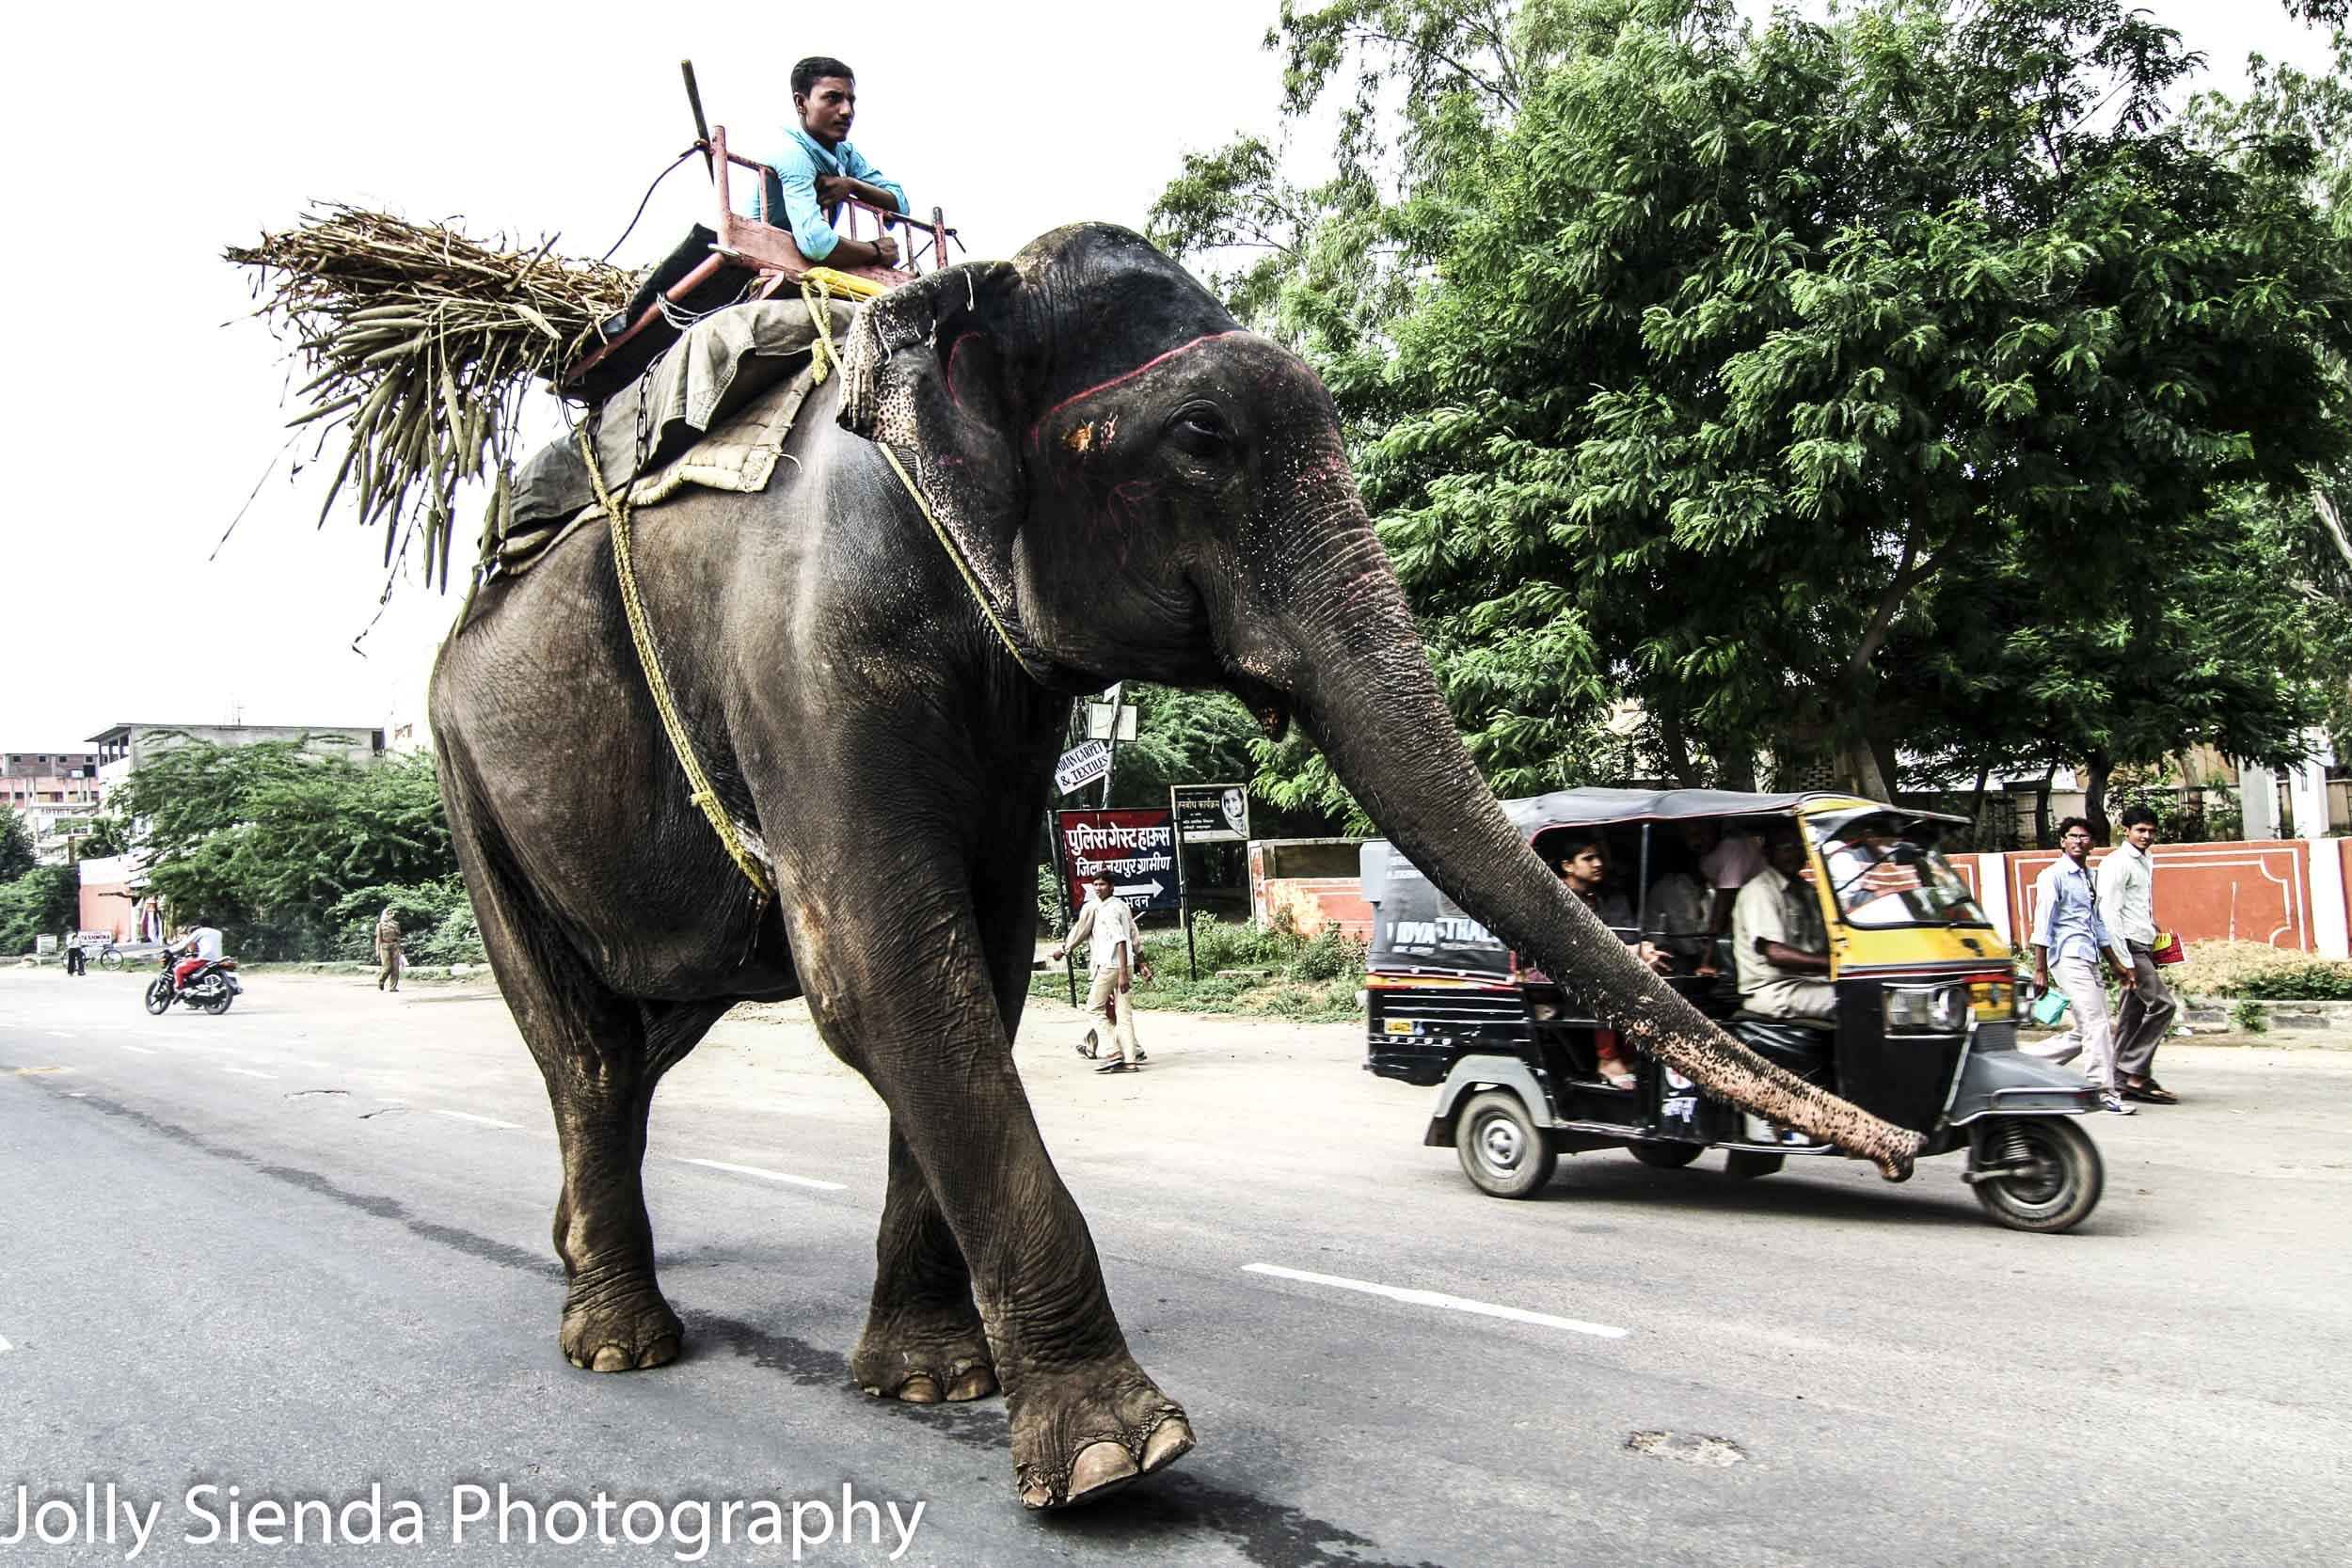 Man rides elephant along side a Tuk Tuk